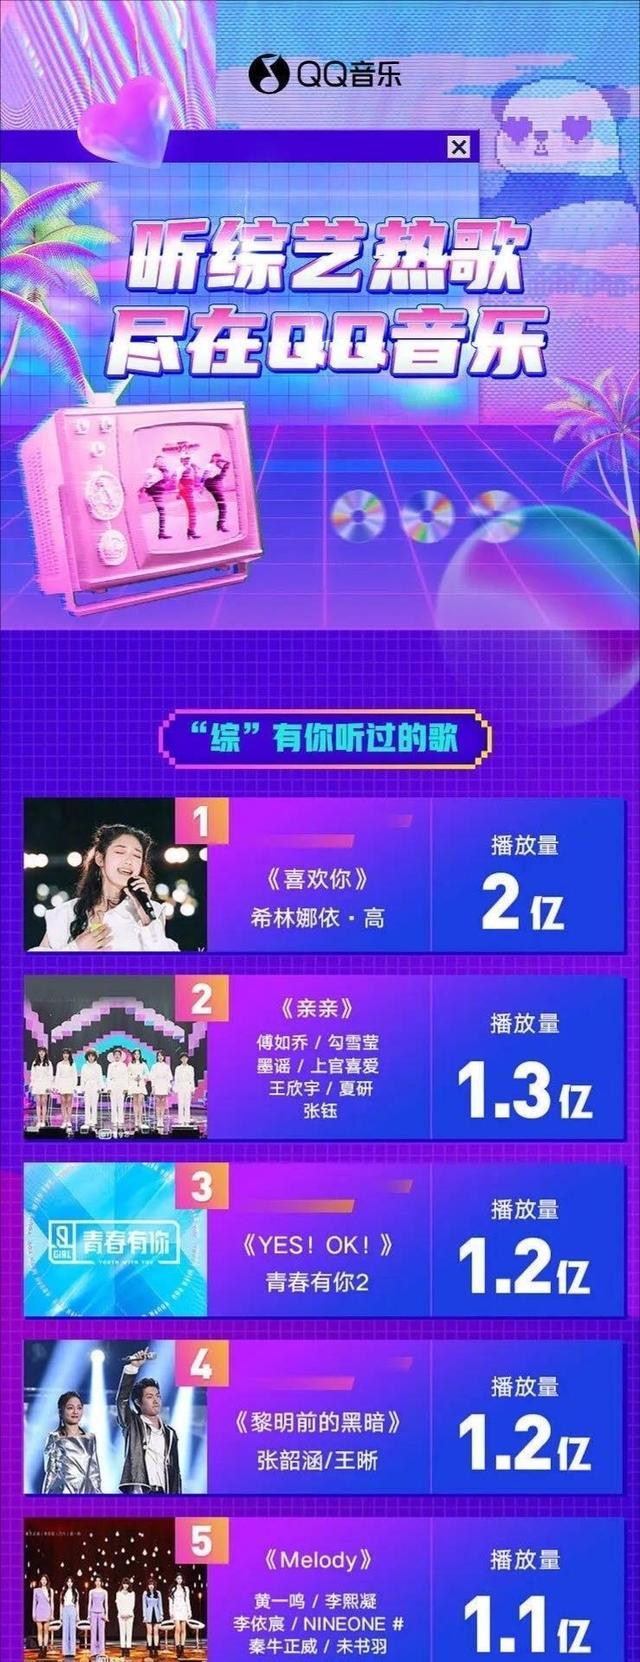 上半年综艺歌曲榜:冠军是黑马,华晨宇第七,肖战第八,周深第十